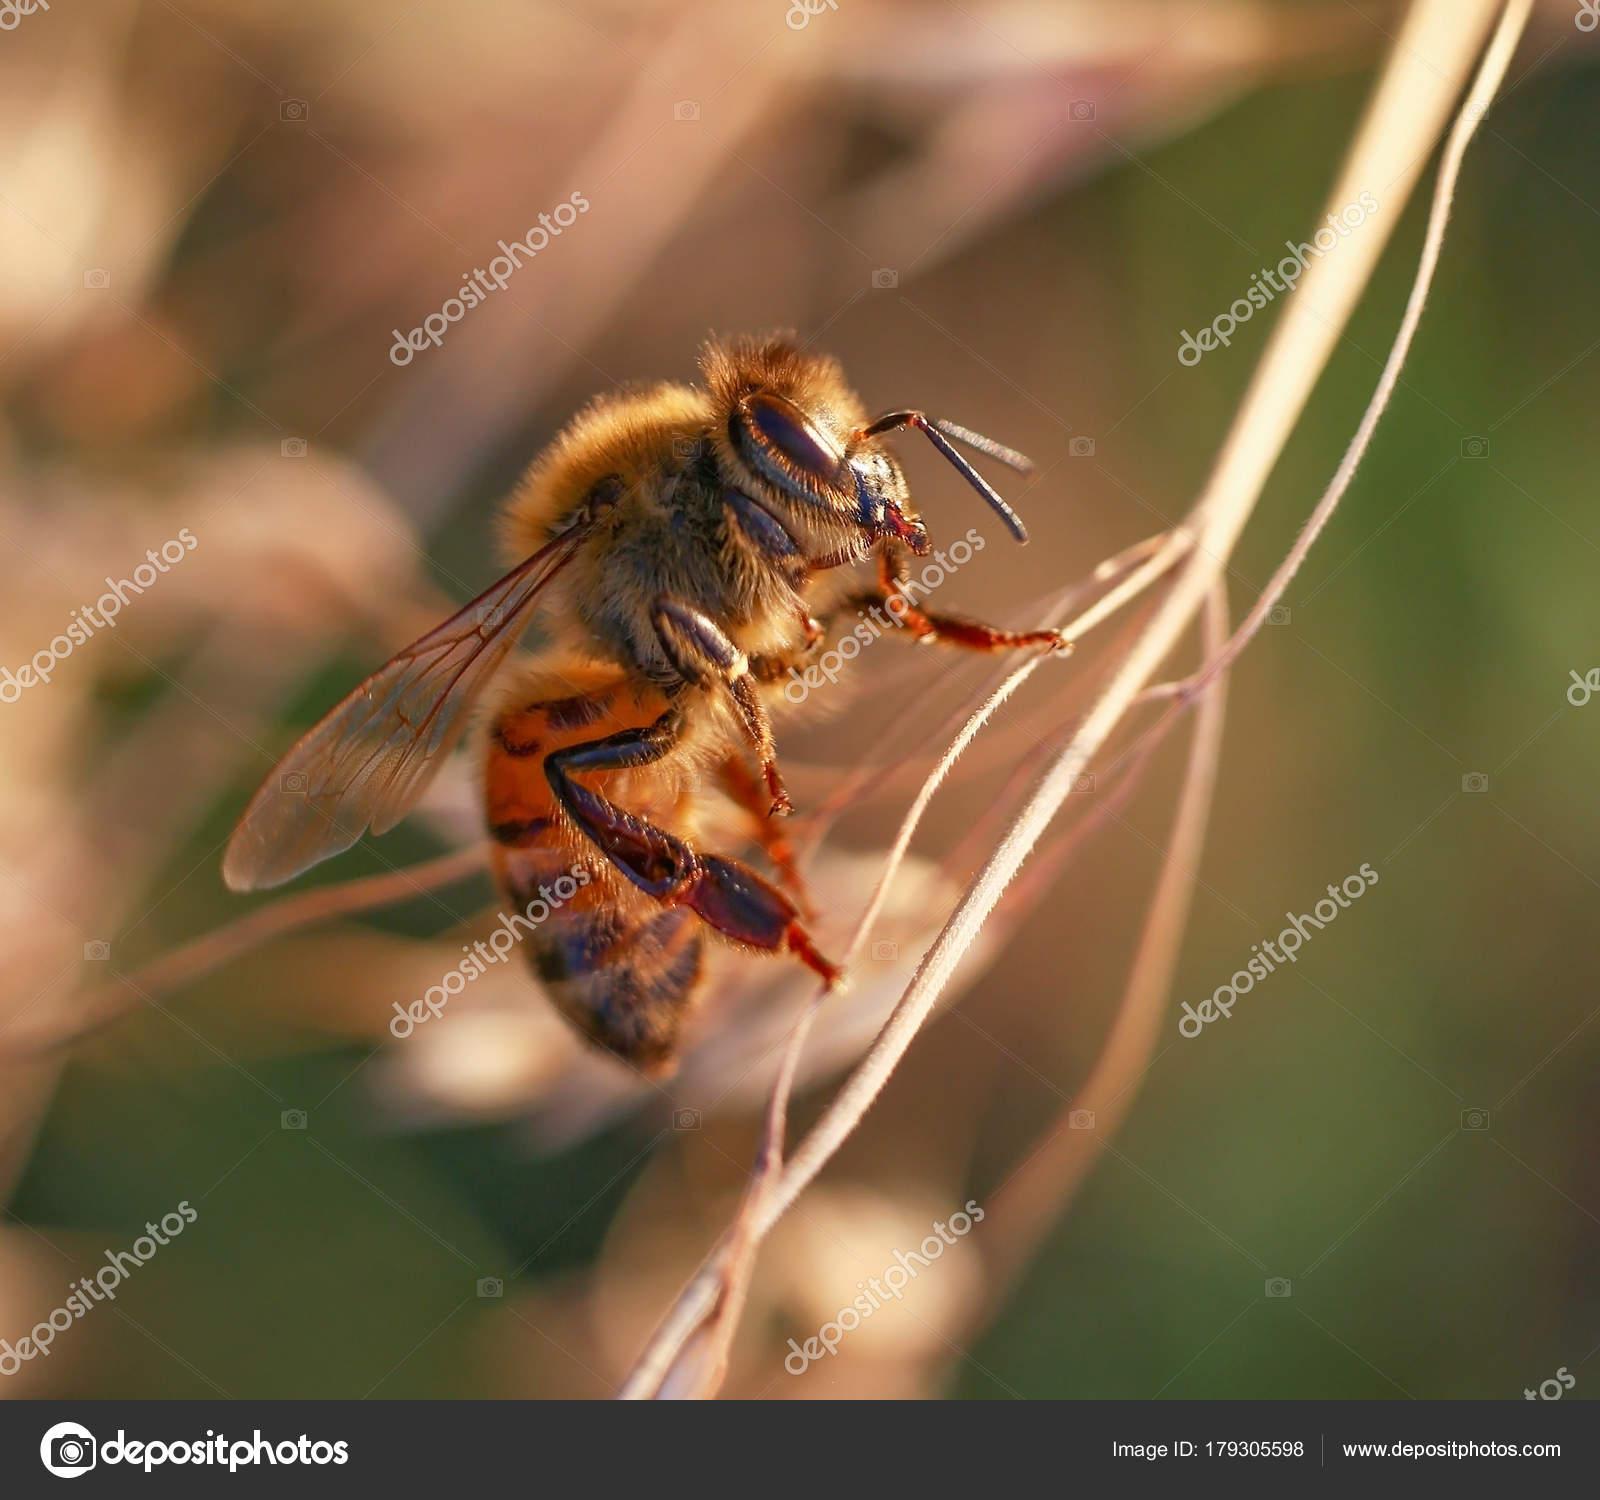 Suche Schöne Bilder schöne und bunte biene einer natürlichen umgebung auf der suche